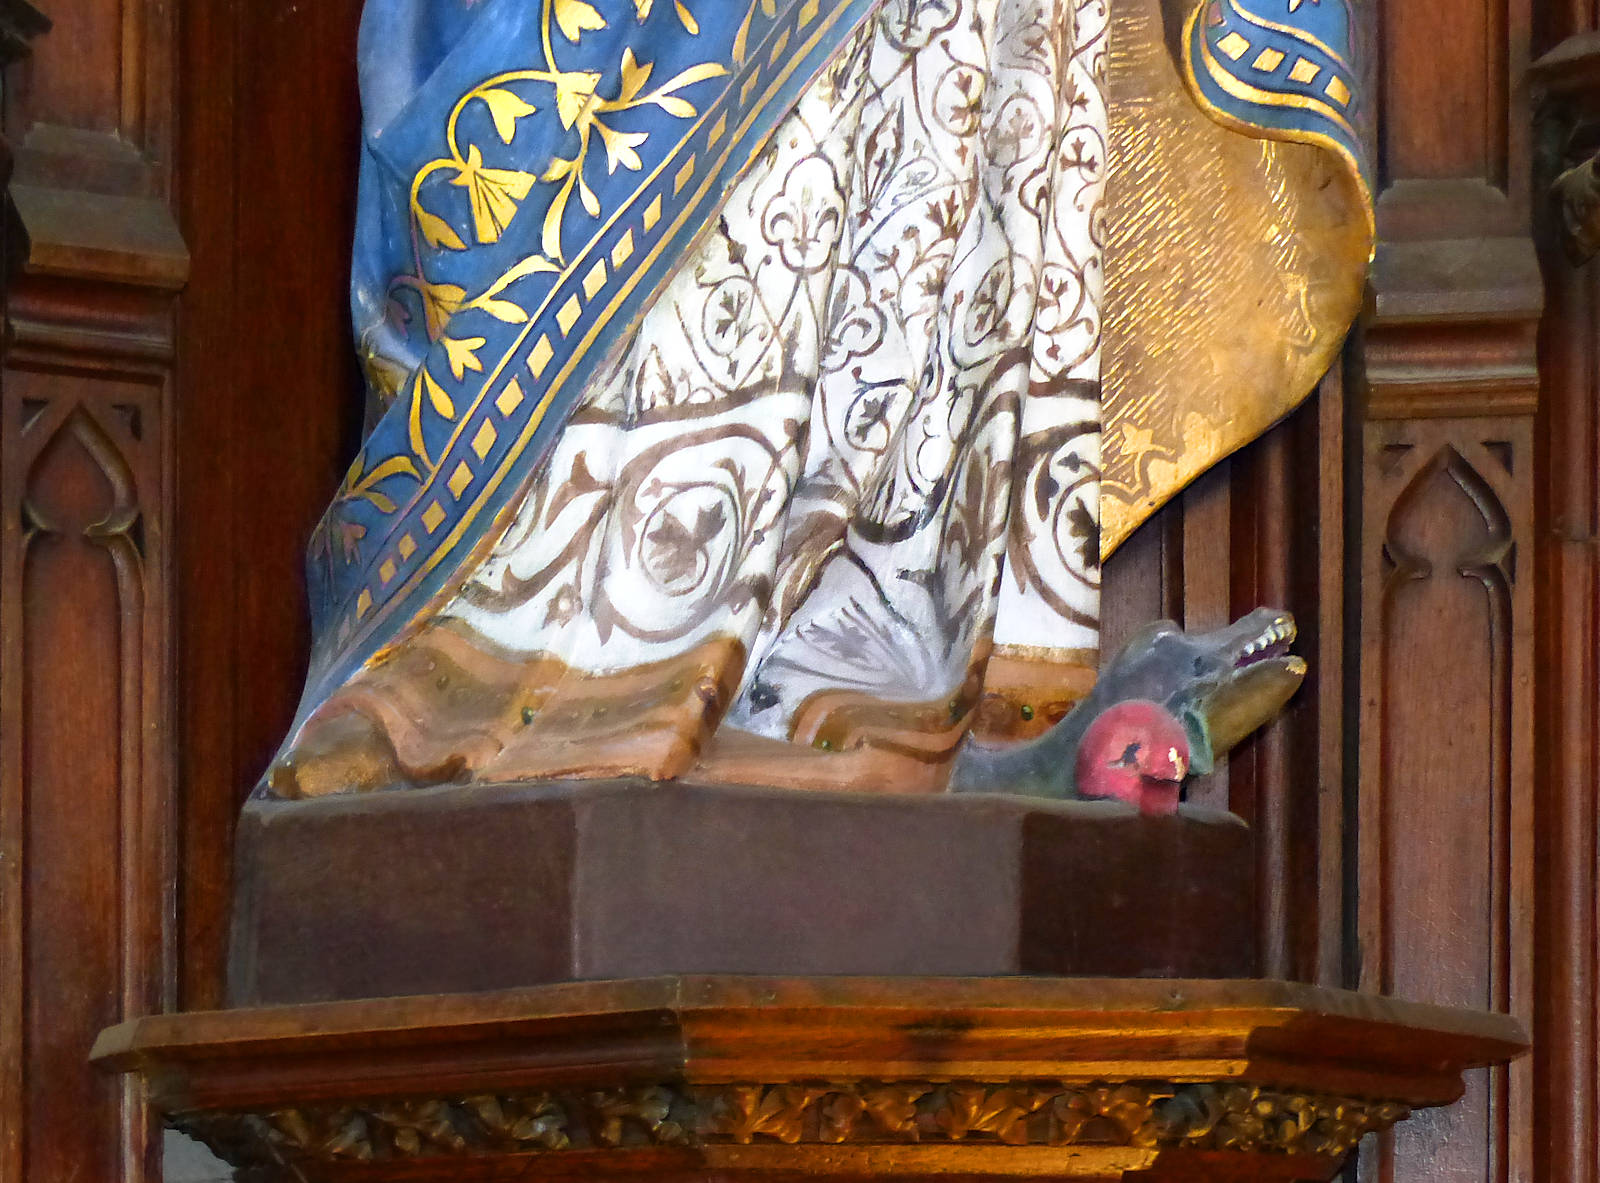 Marie, le serpent et la pomme - Hospice d'Havré, Tourcoing - Chapelle